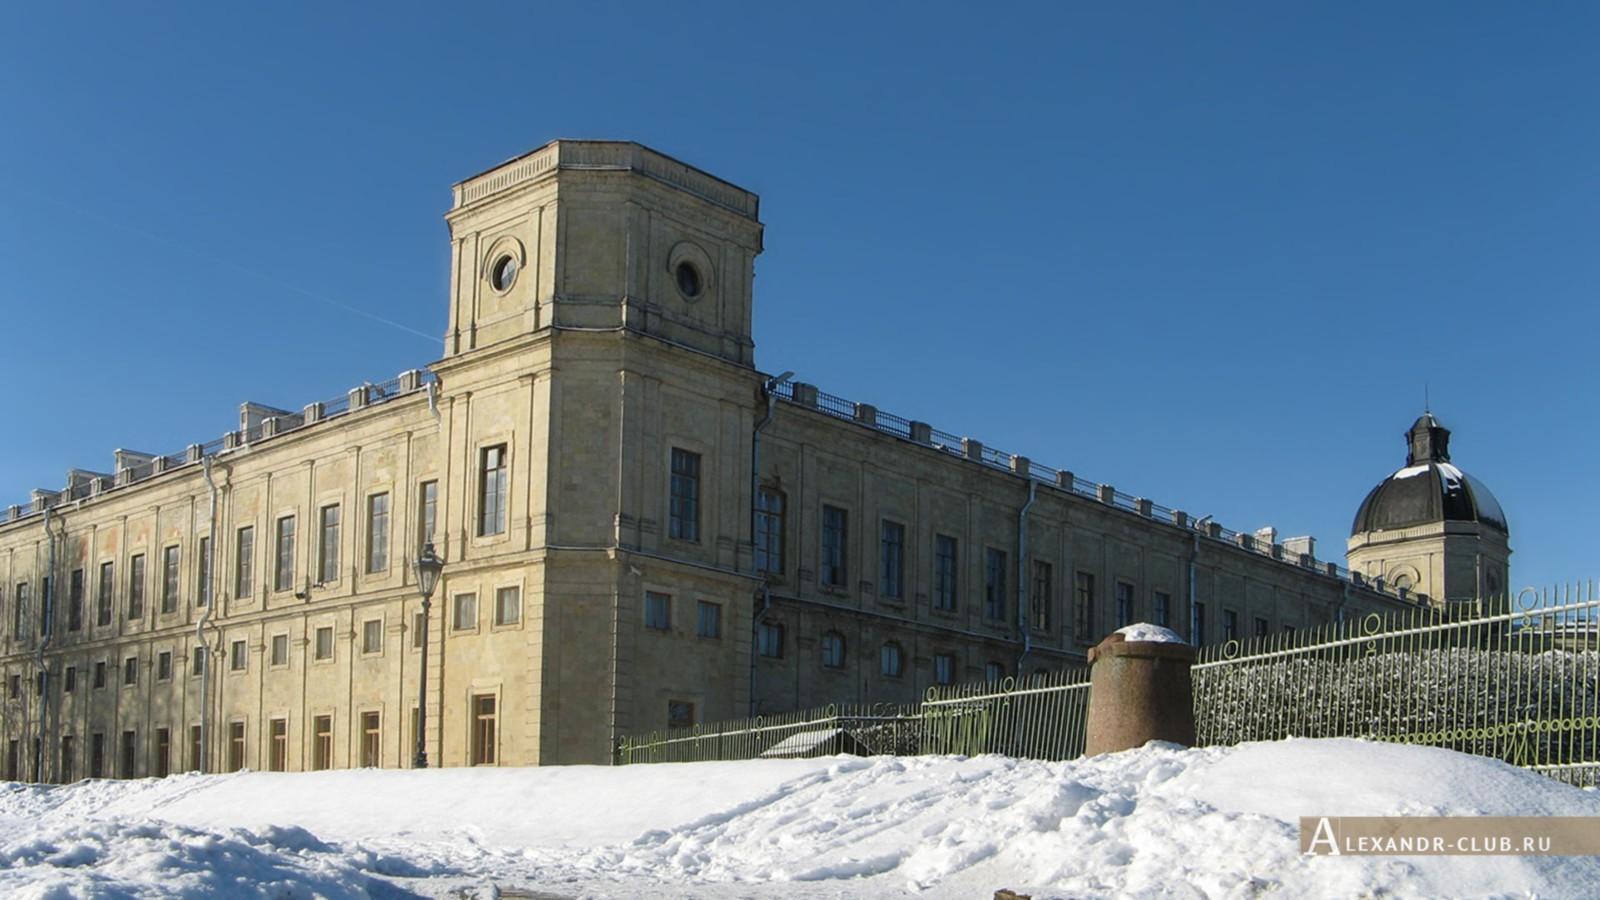 Гатчинский дворец, вид снизу